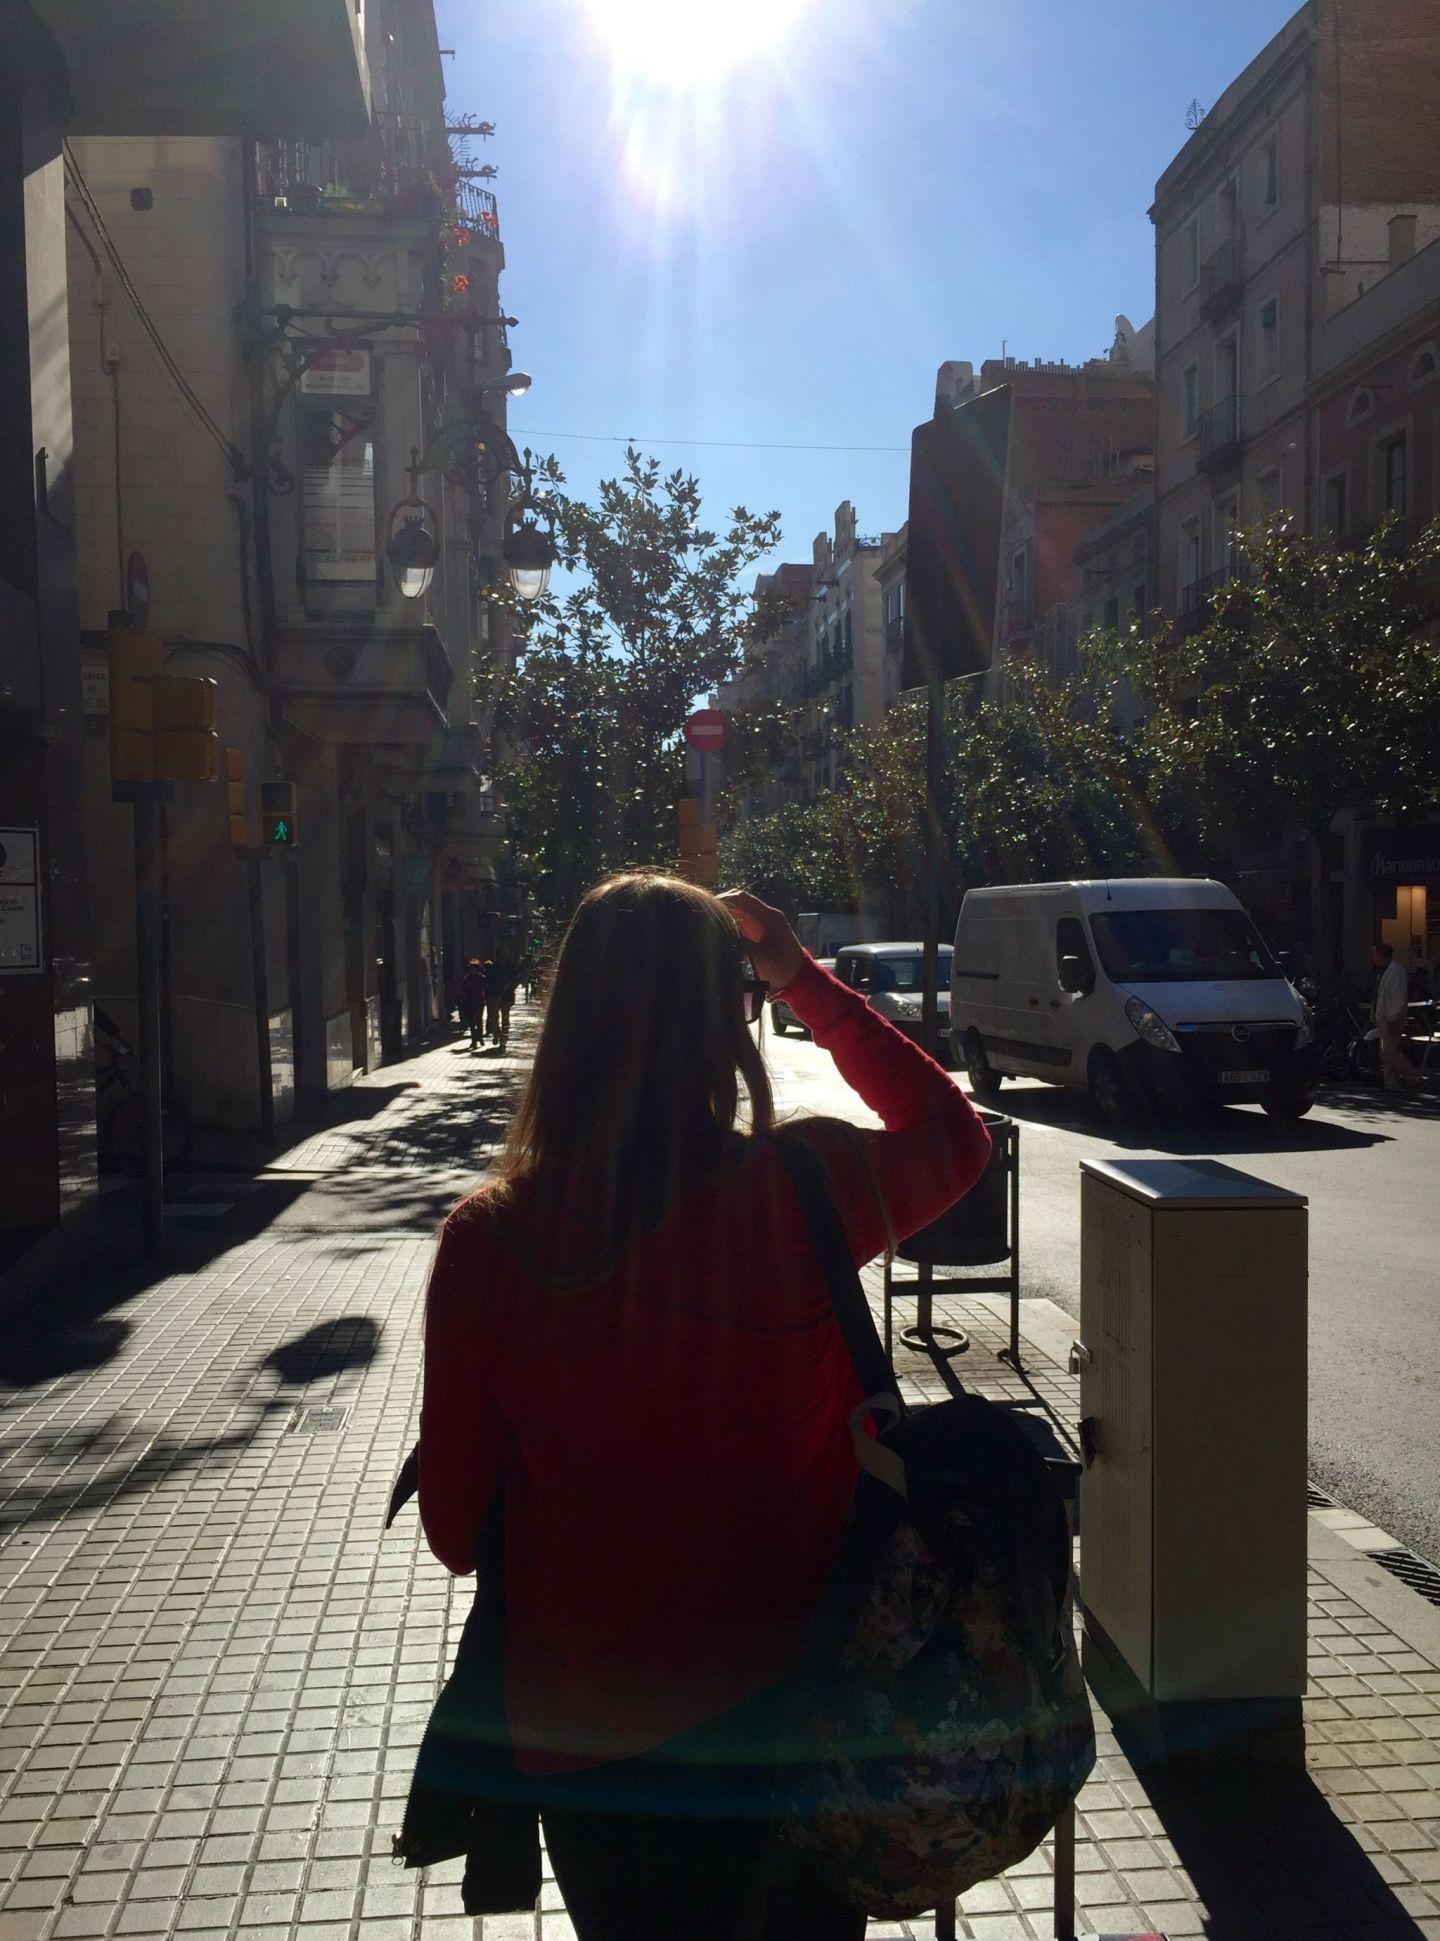 Walking along the Barcelona streets in Spain